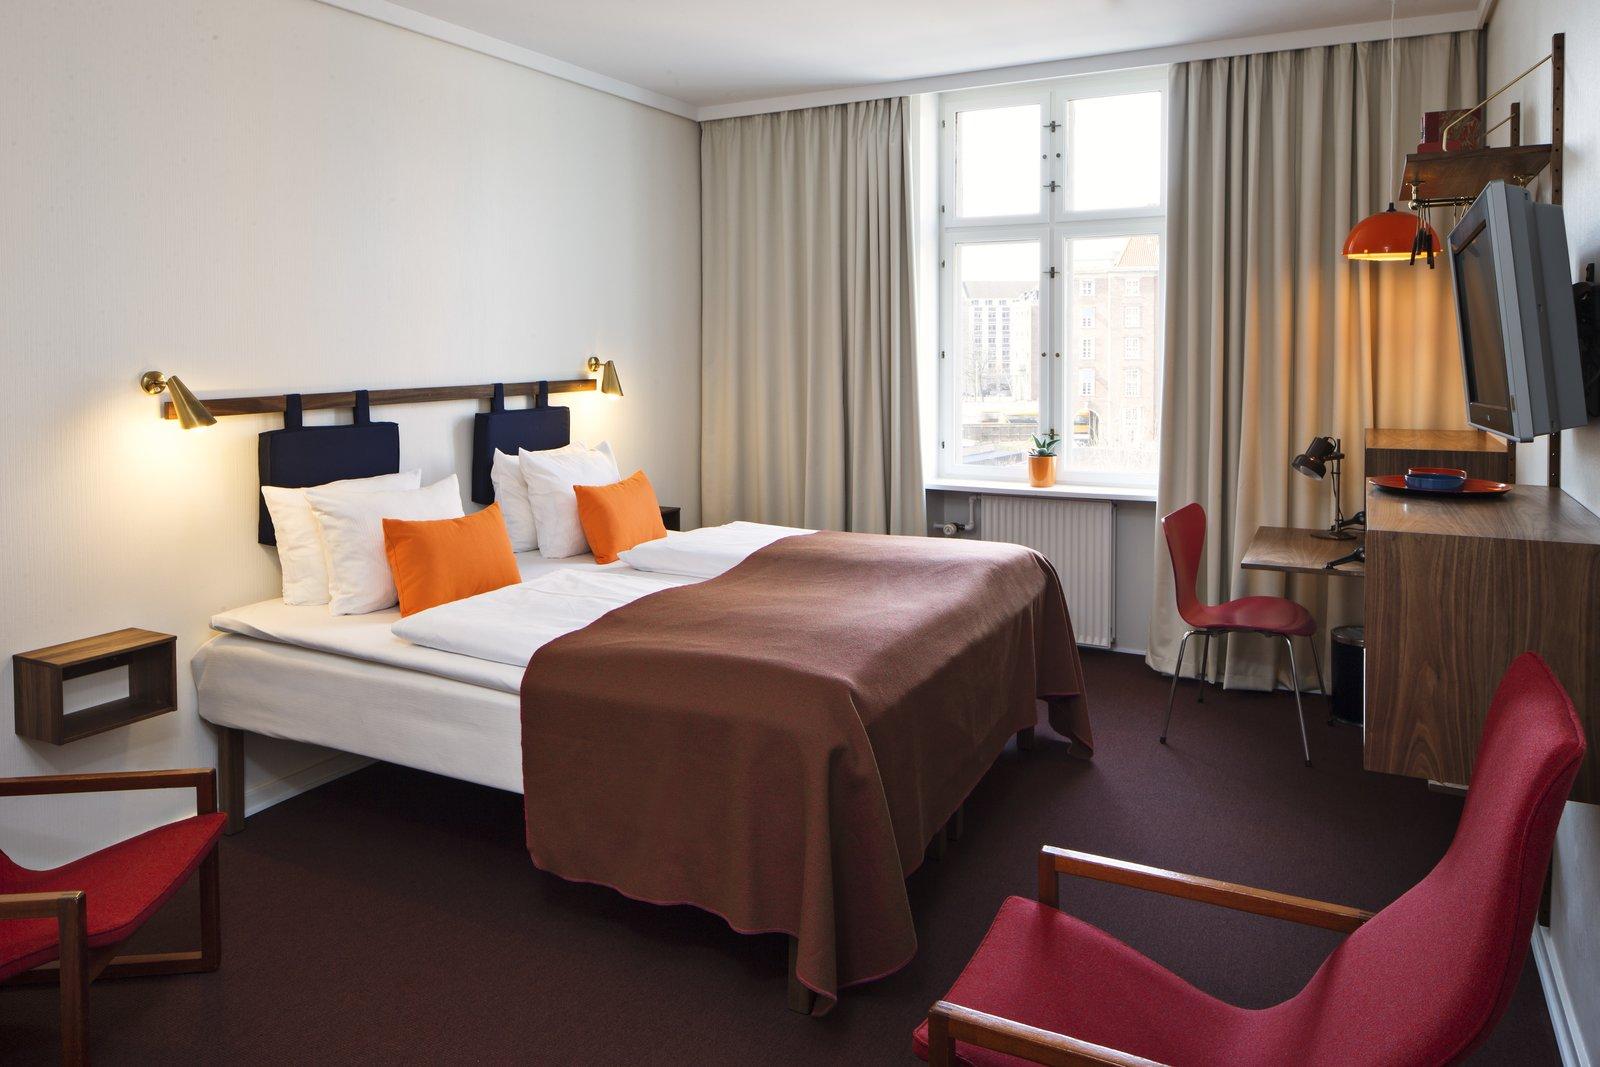 Standard Double Room  Photo 5 of 9 in Get Your Fix of Midcentury Scandinavian Design at This Copenhagen Hotel